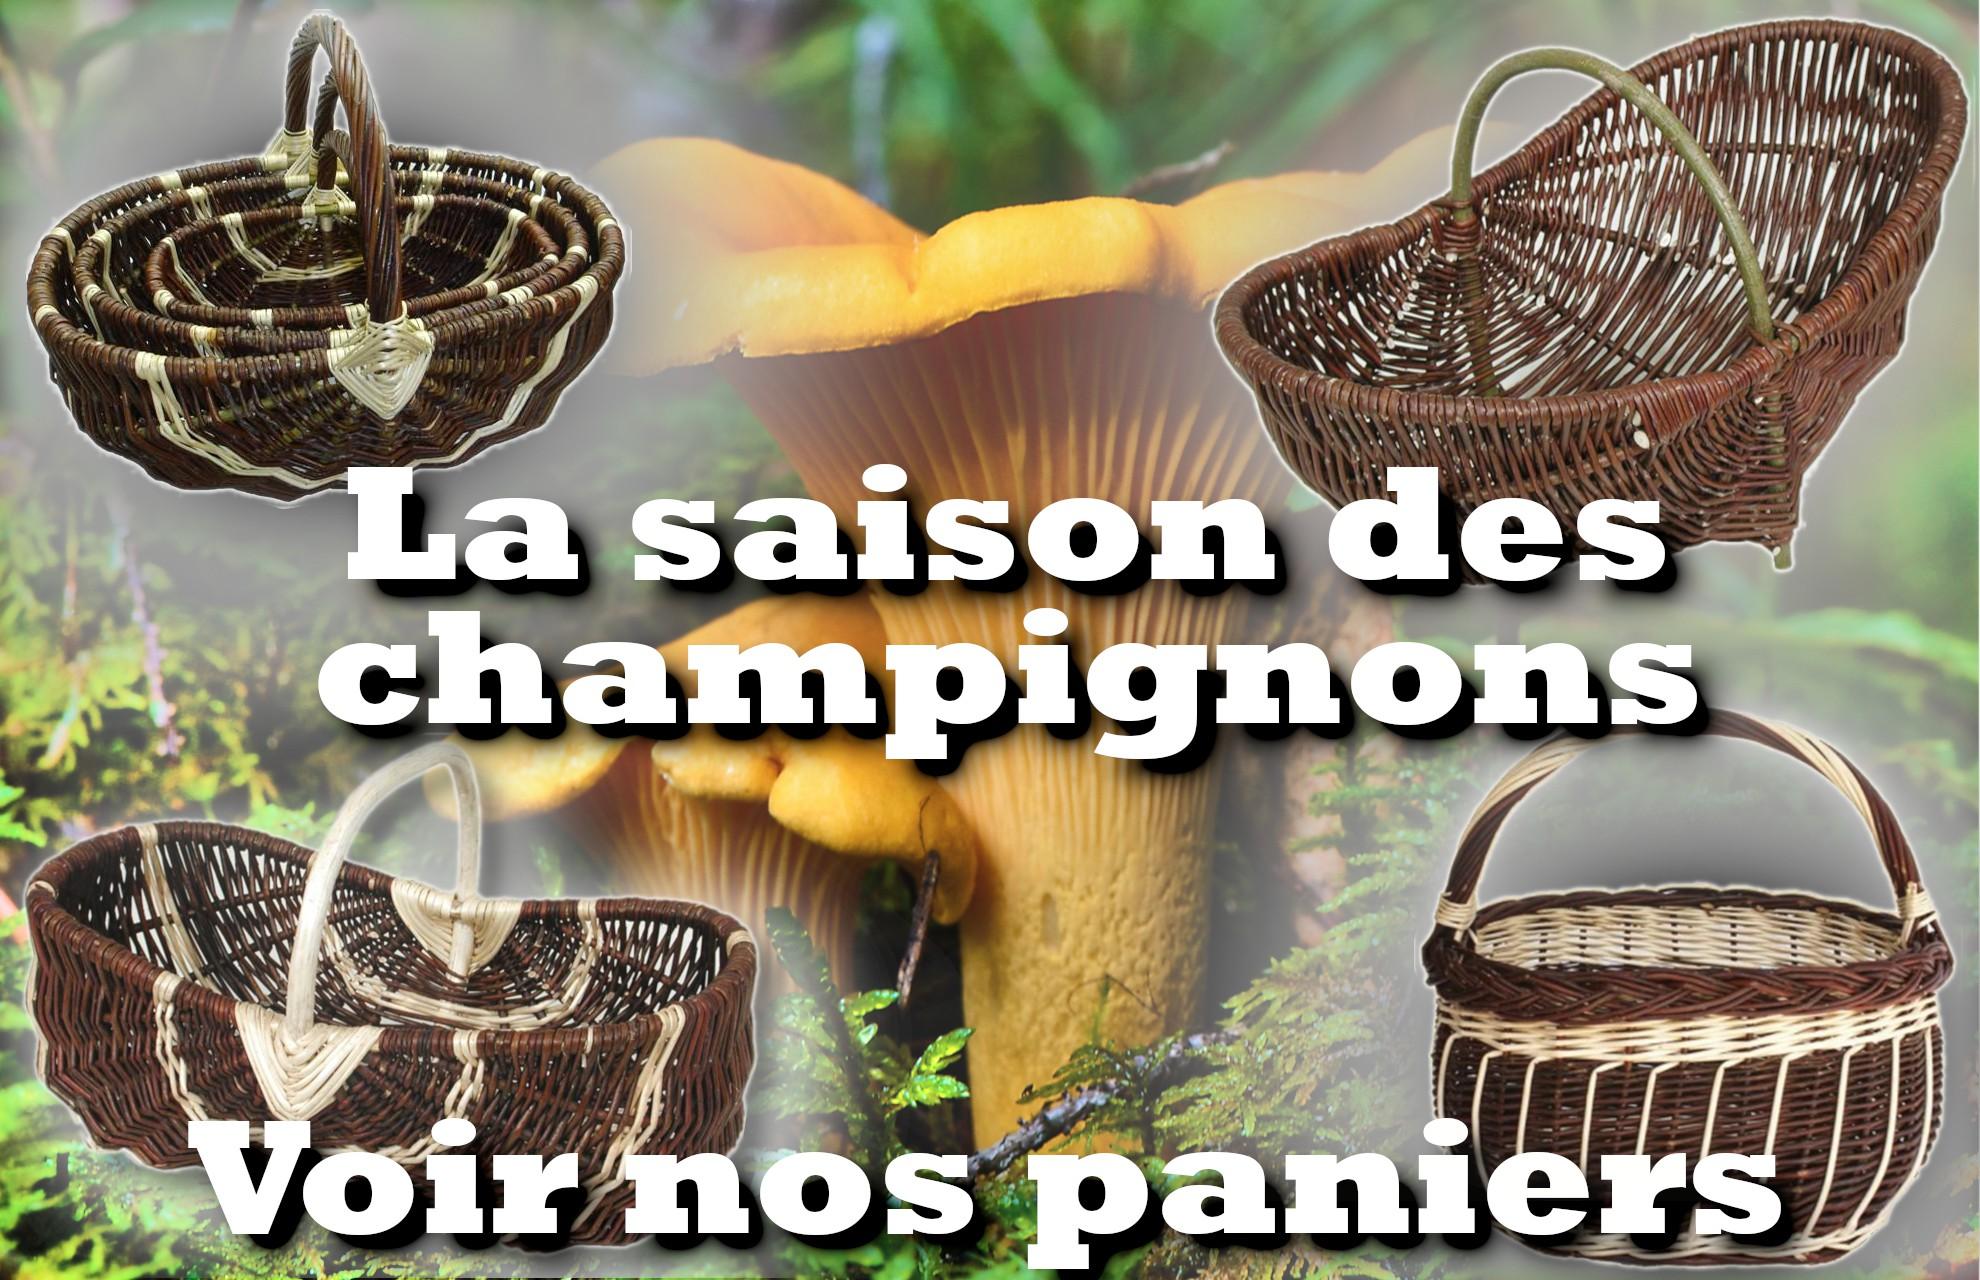 La Vannerie d'Aujourd'hui - Paniers à champignons